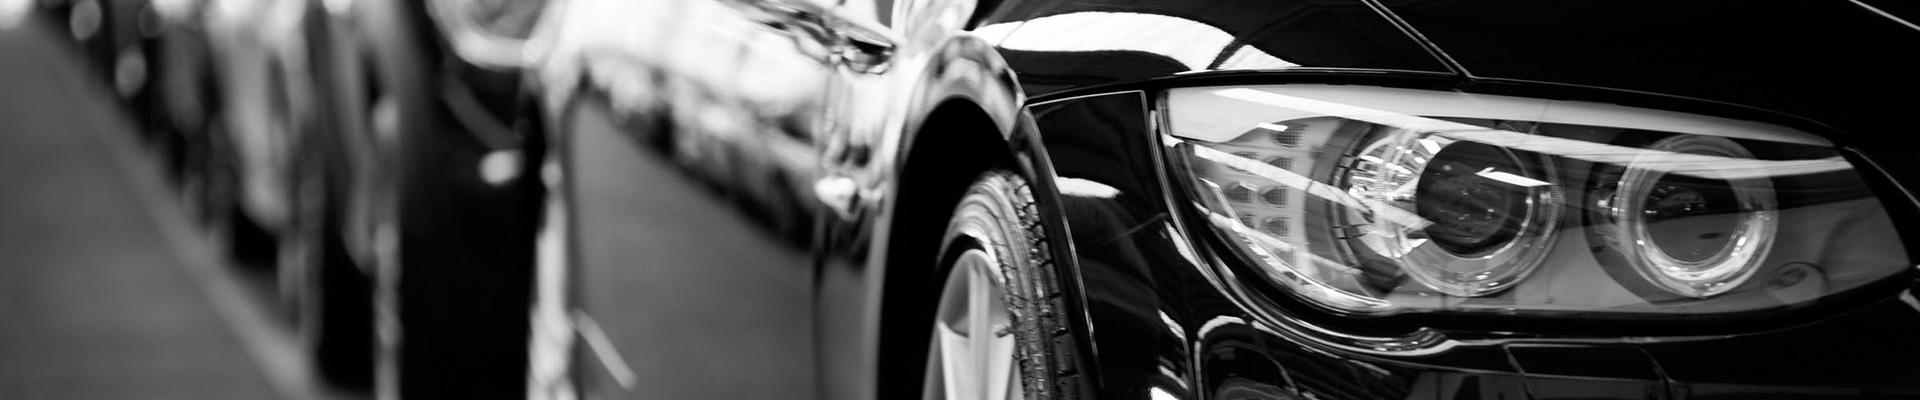 tarife inchirieri auto focsani